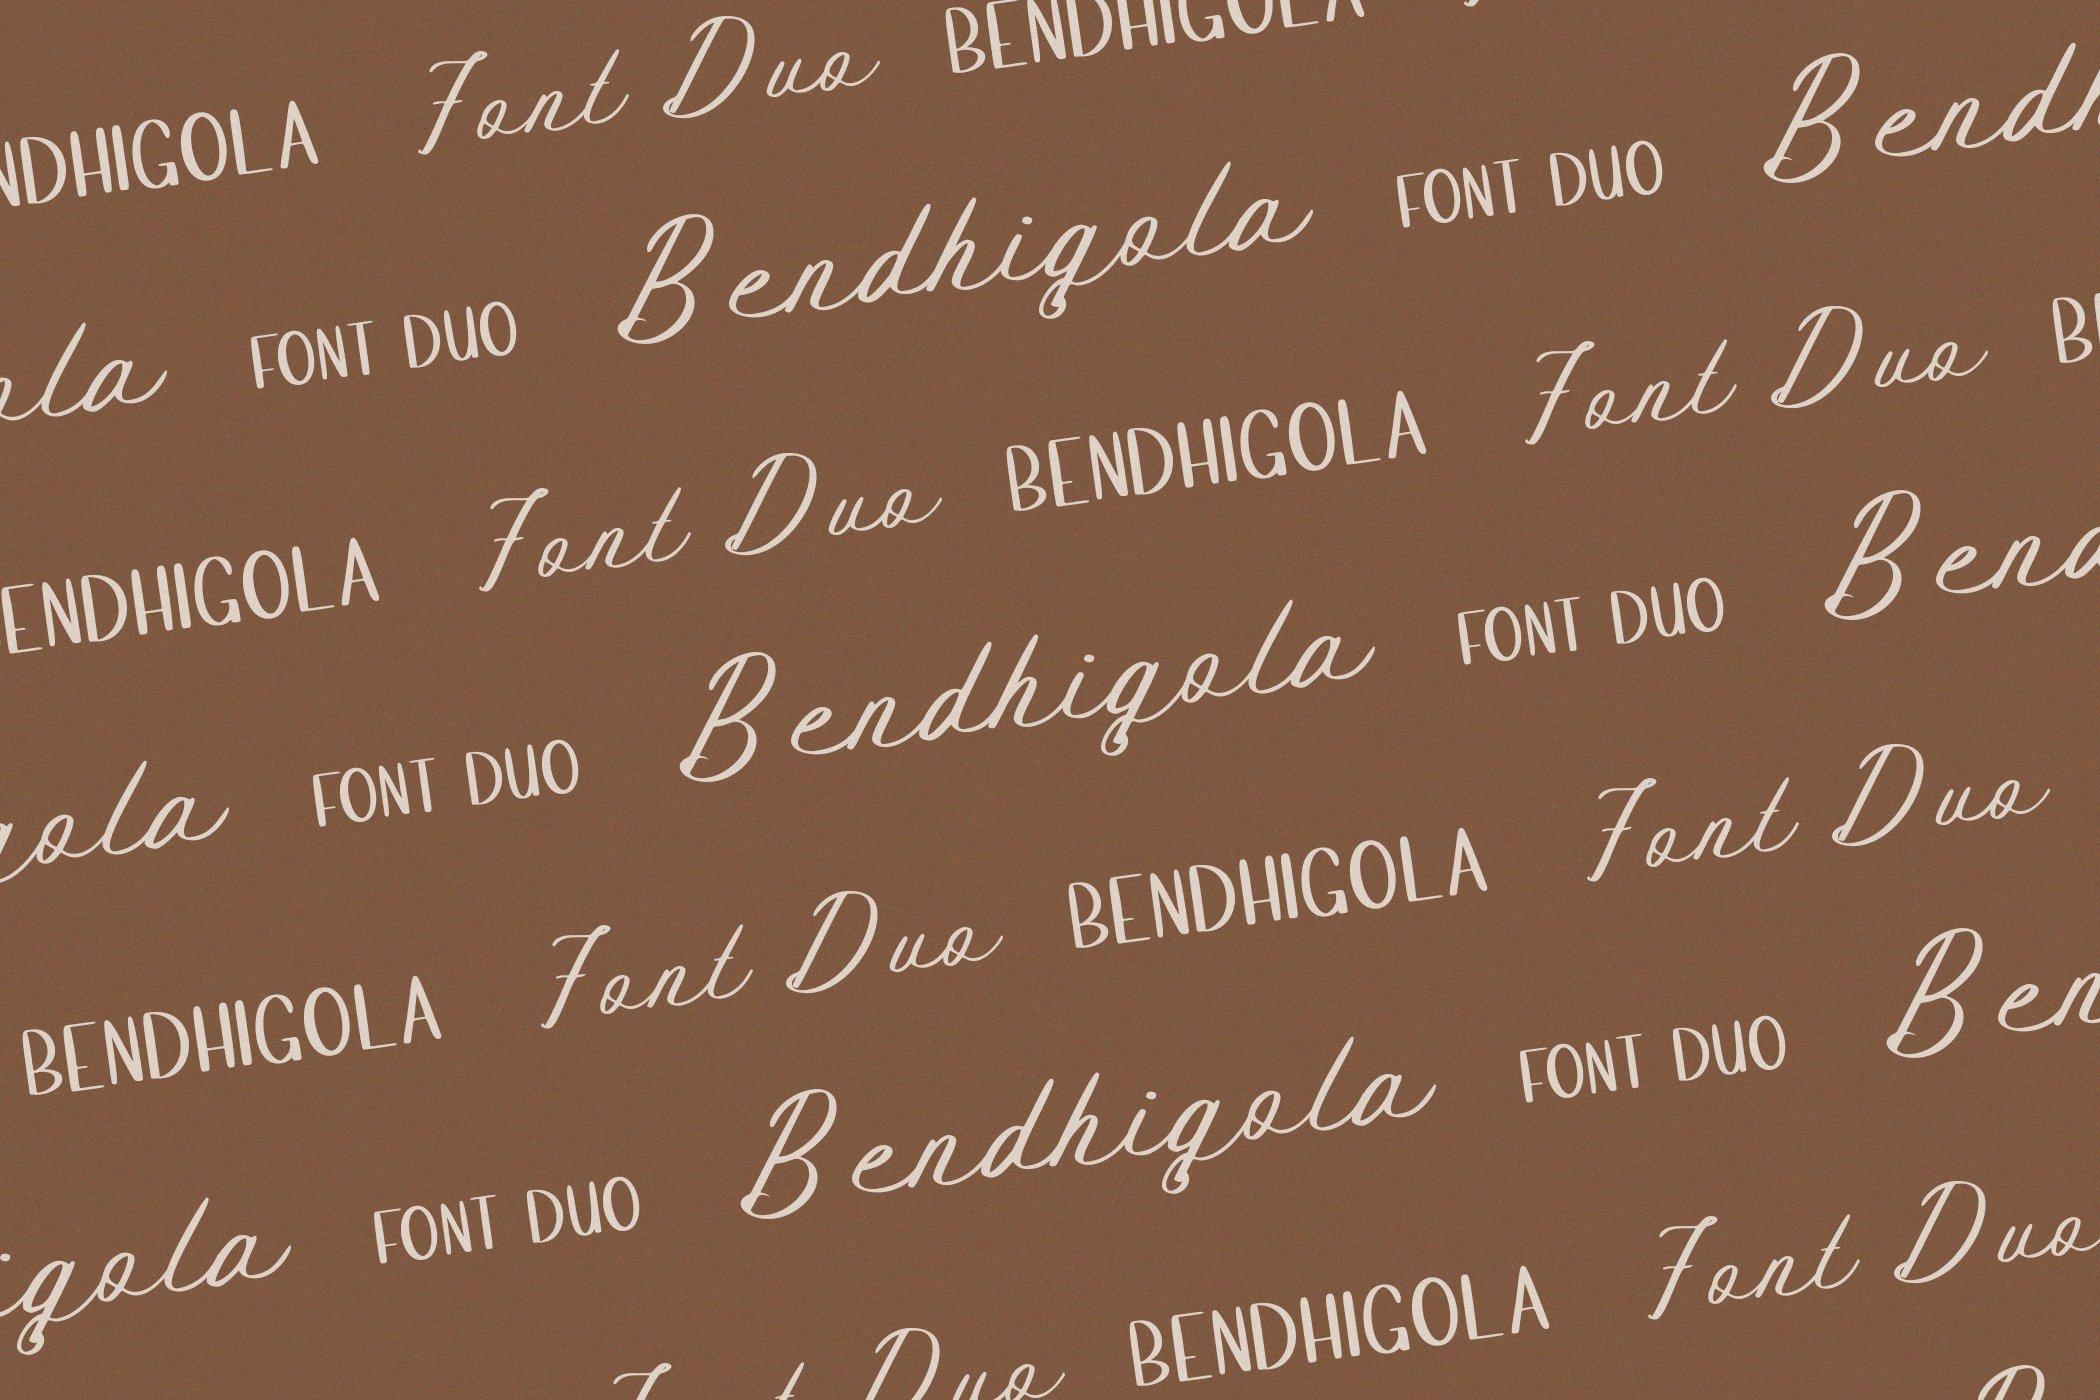 Bendhigola - Handwritten Font Duo example image 10